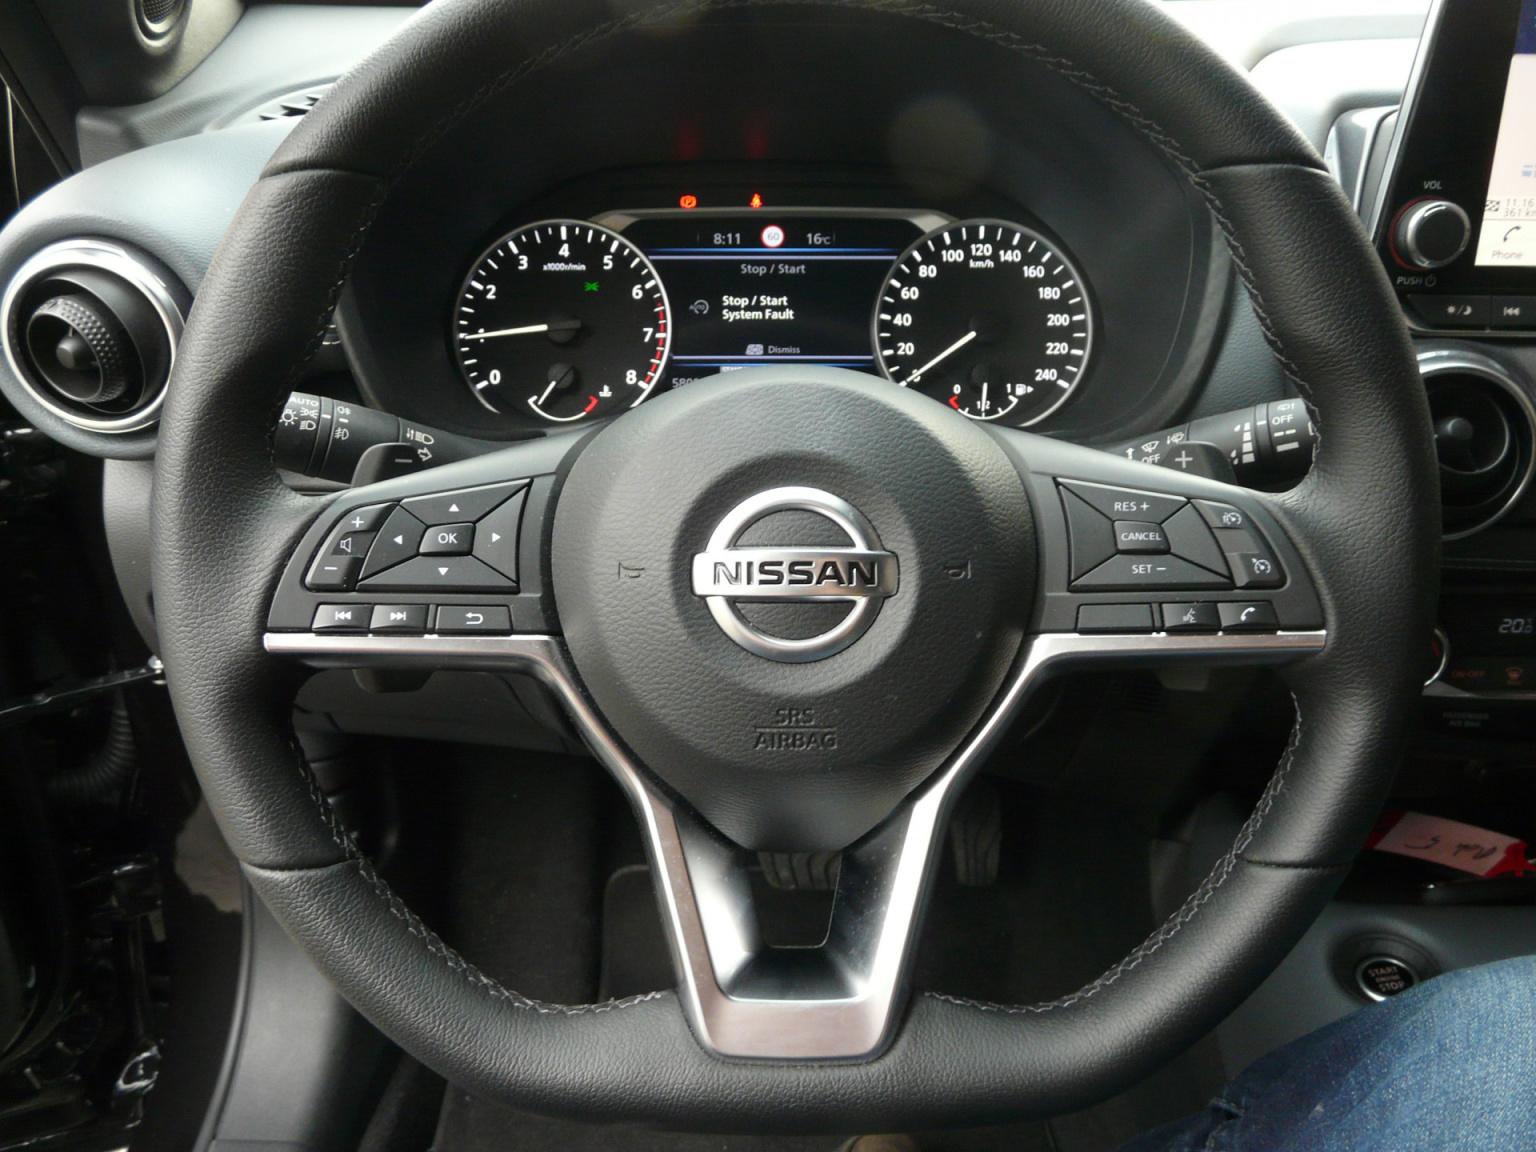 Nissan-Juke-22